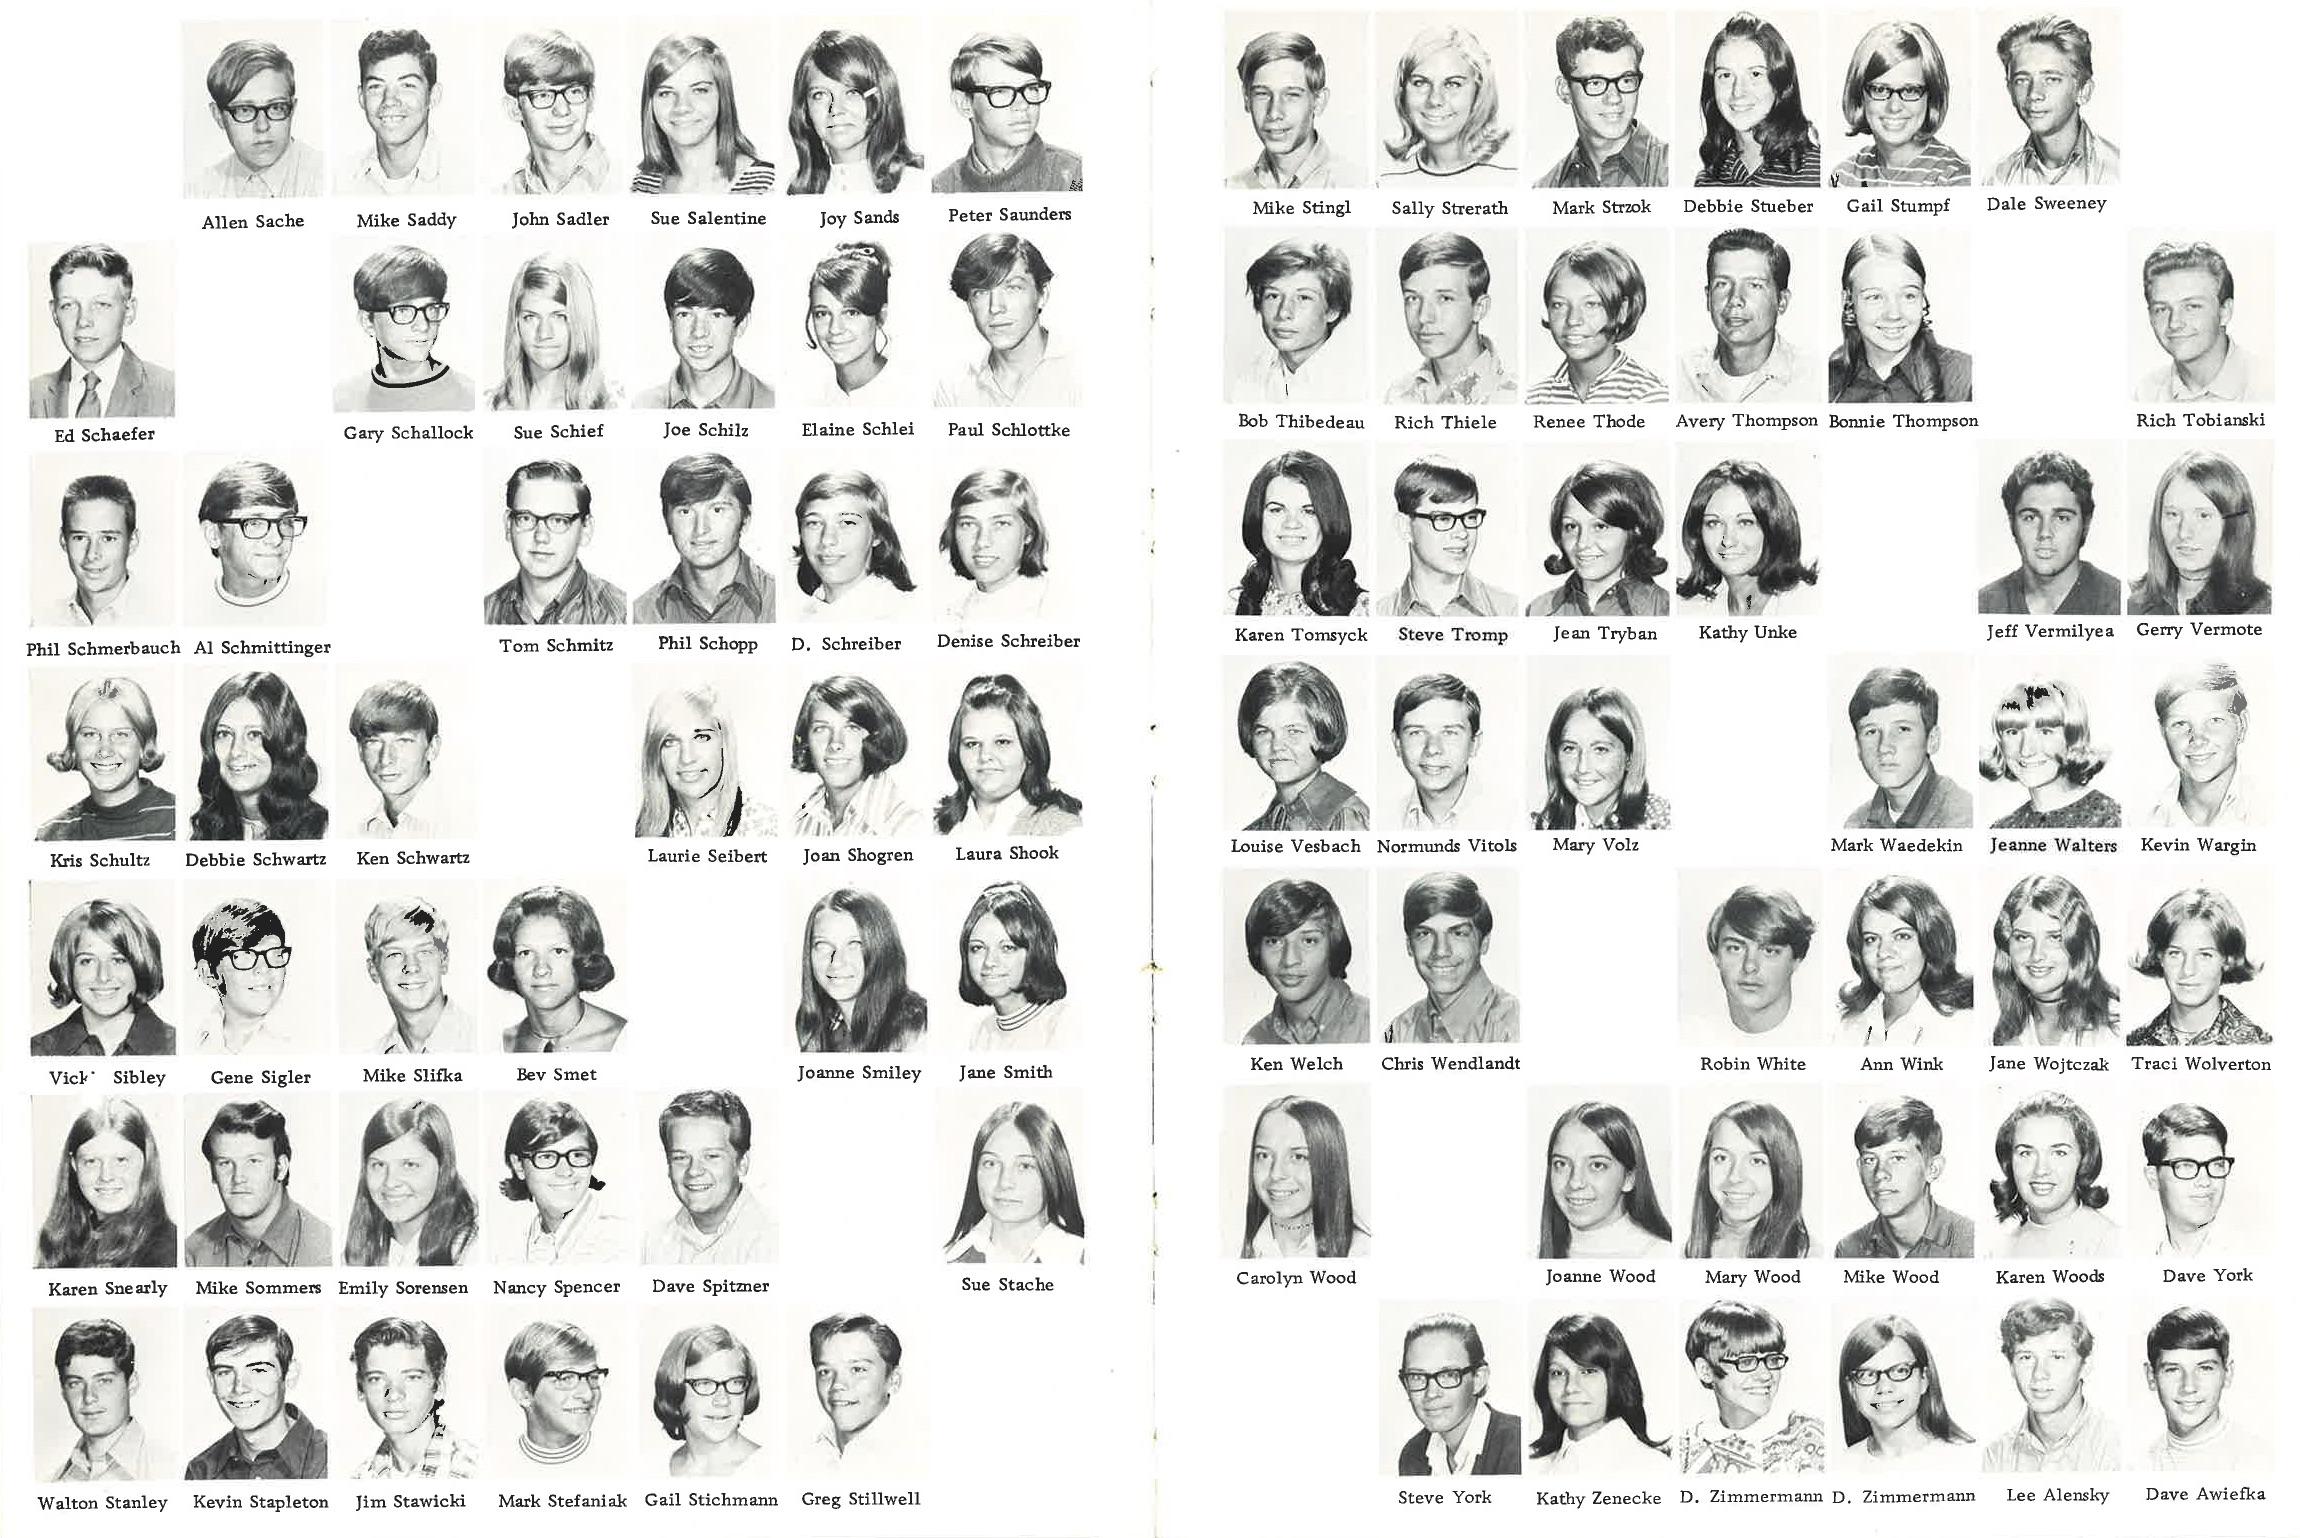 1971_Yearbook_46-47.jpg